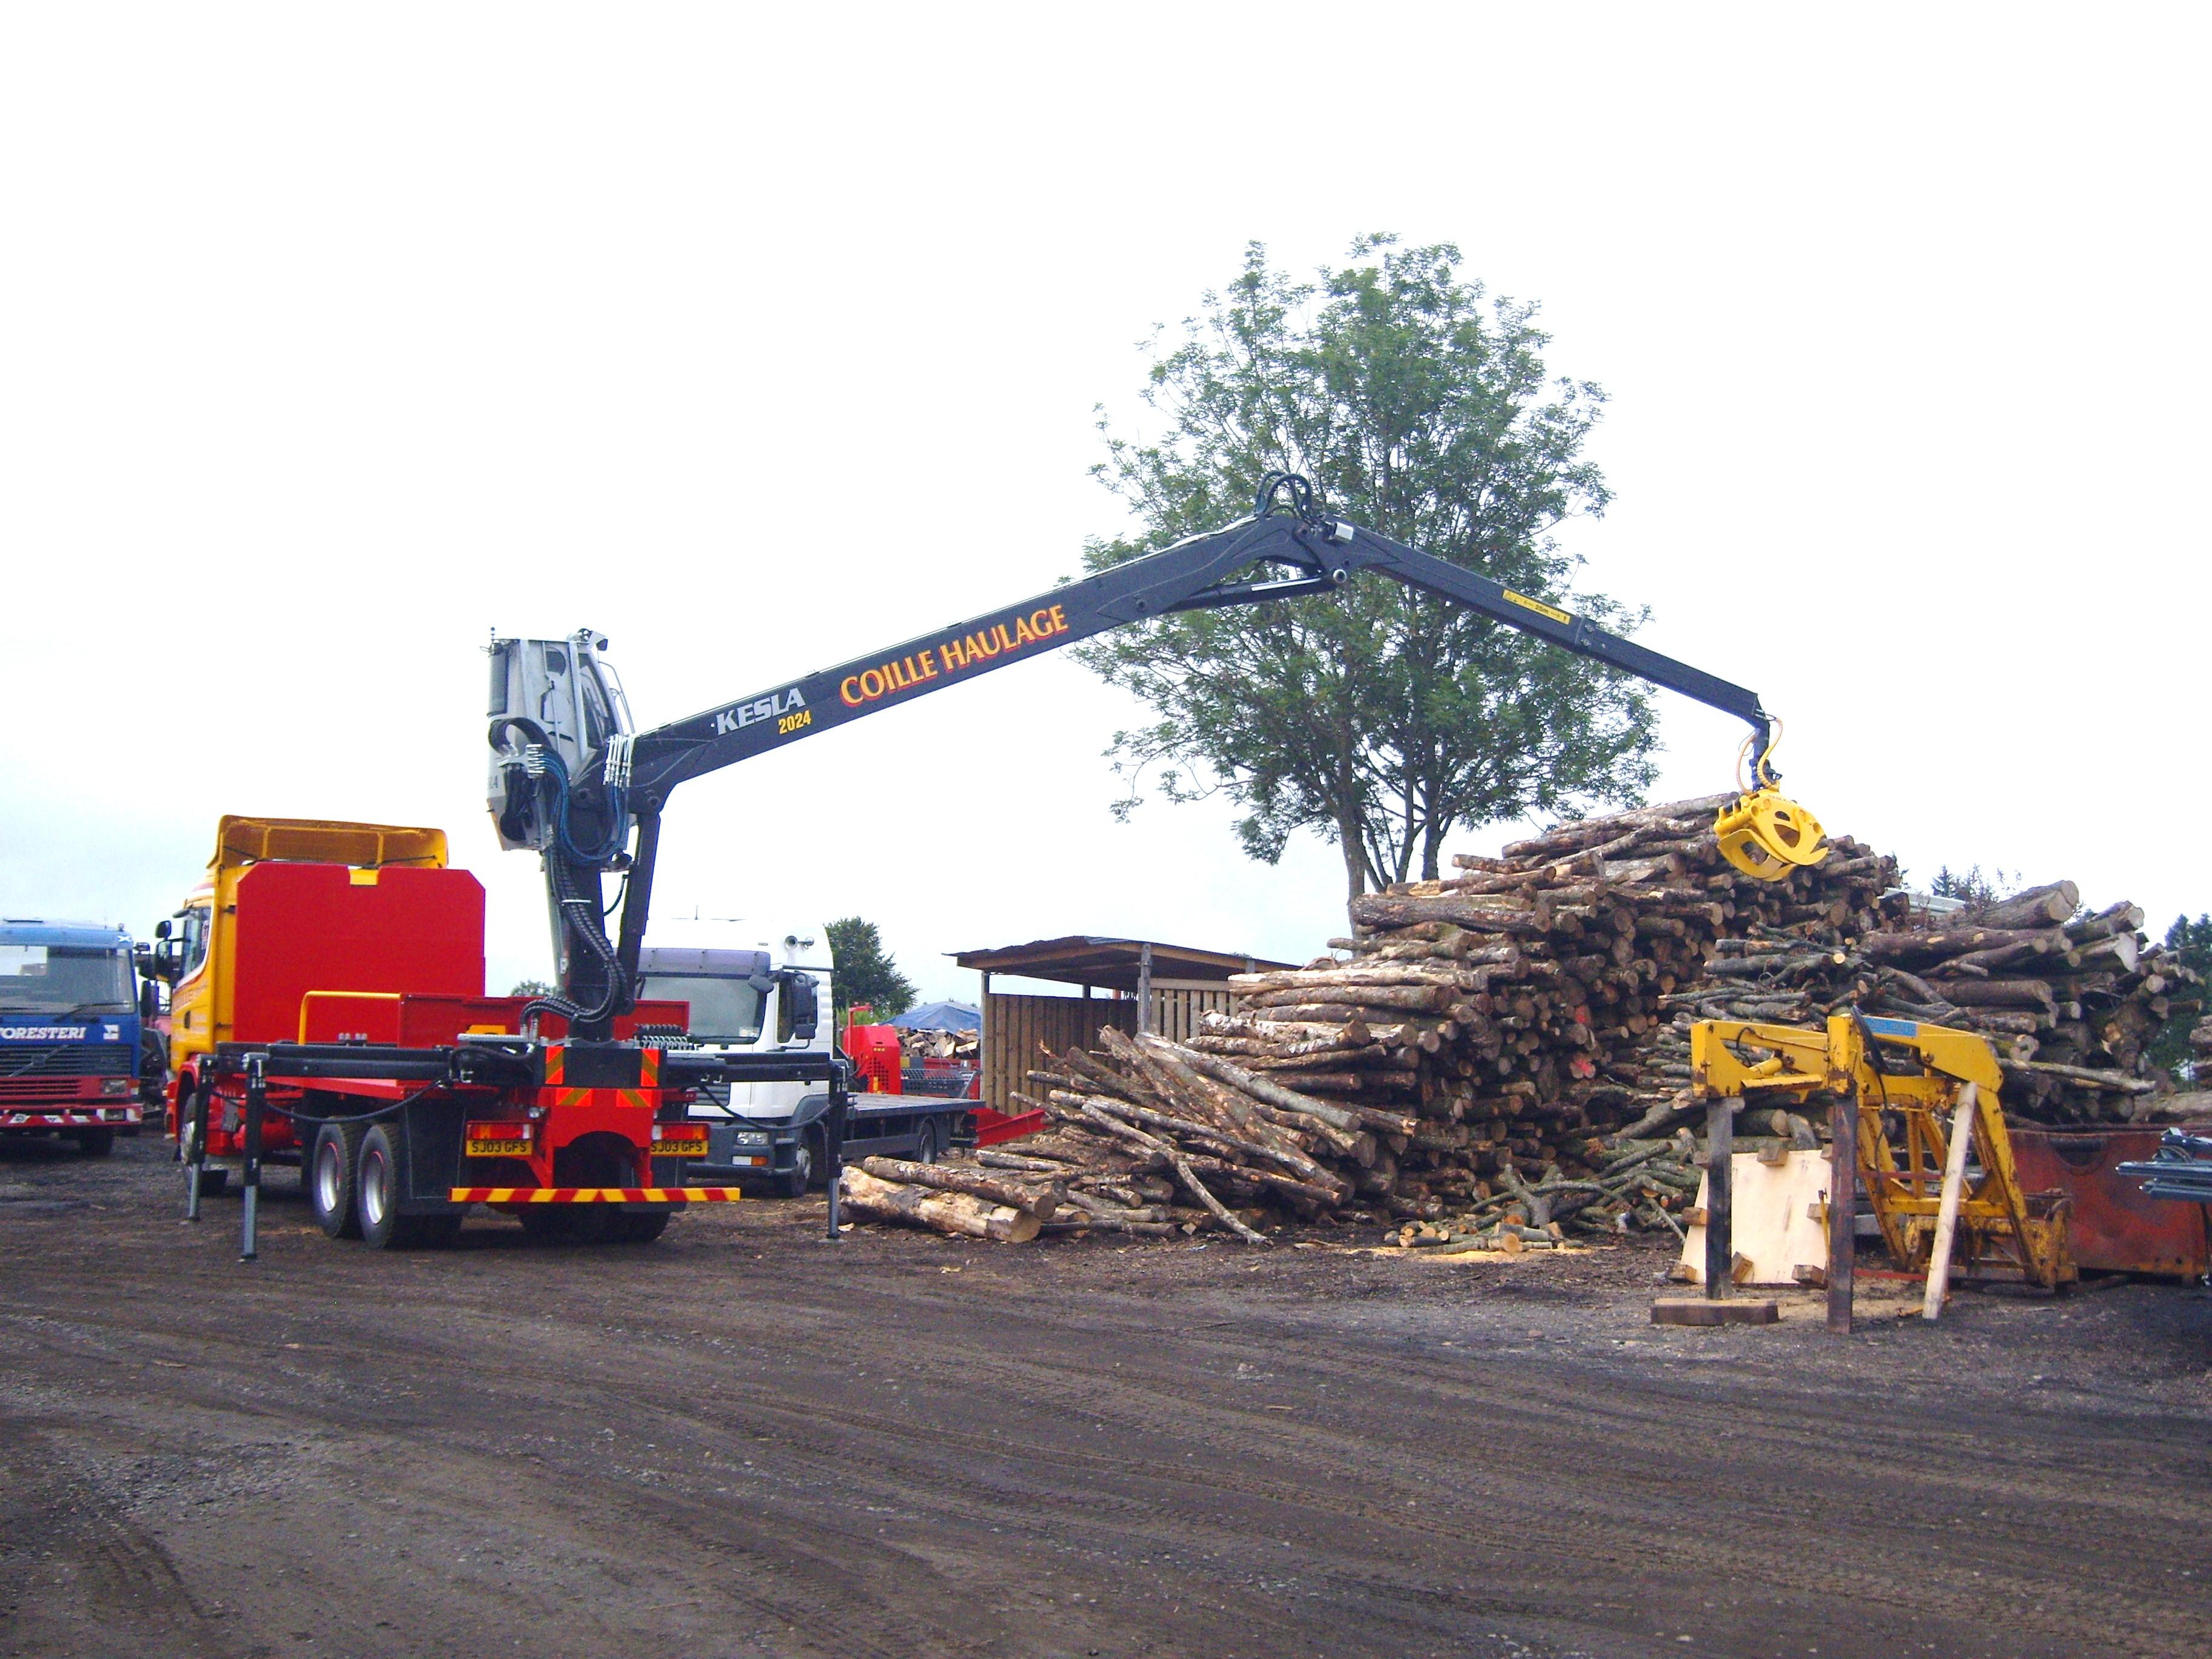 Kesla, Independent truck loader